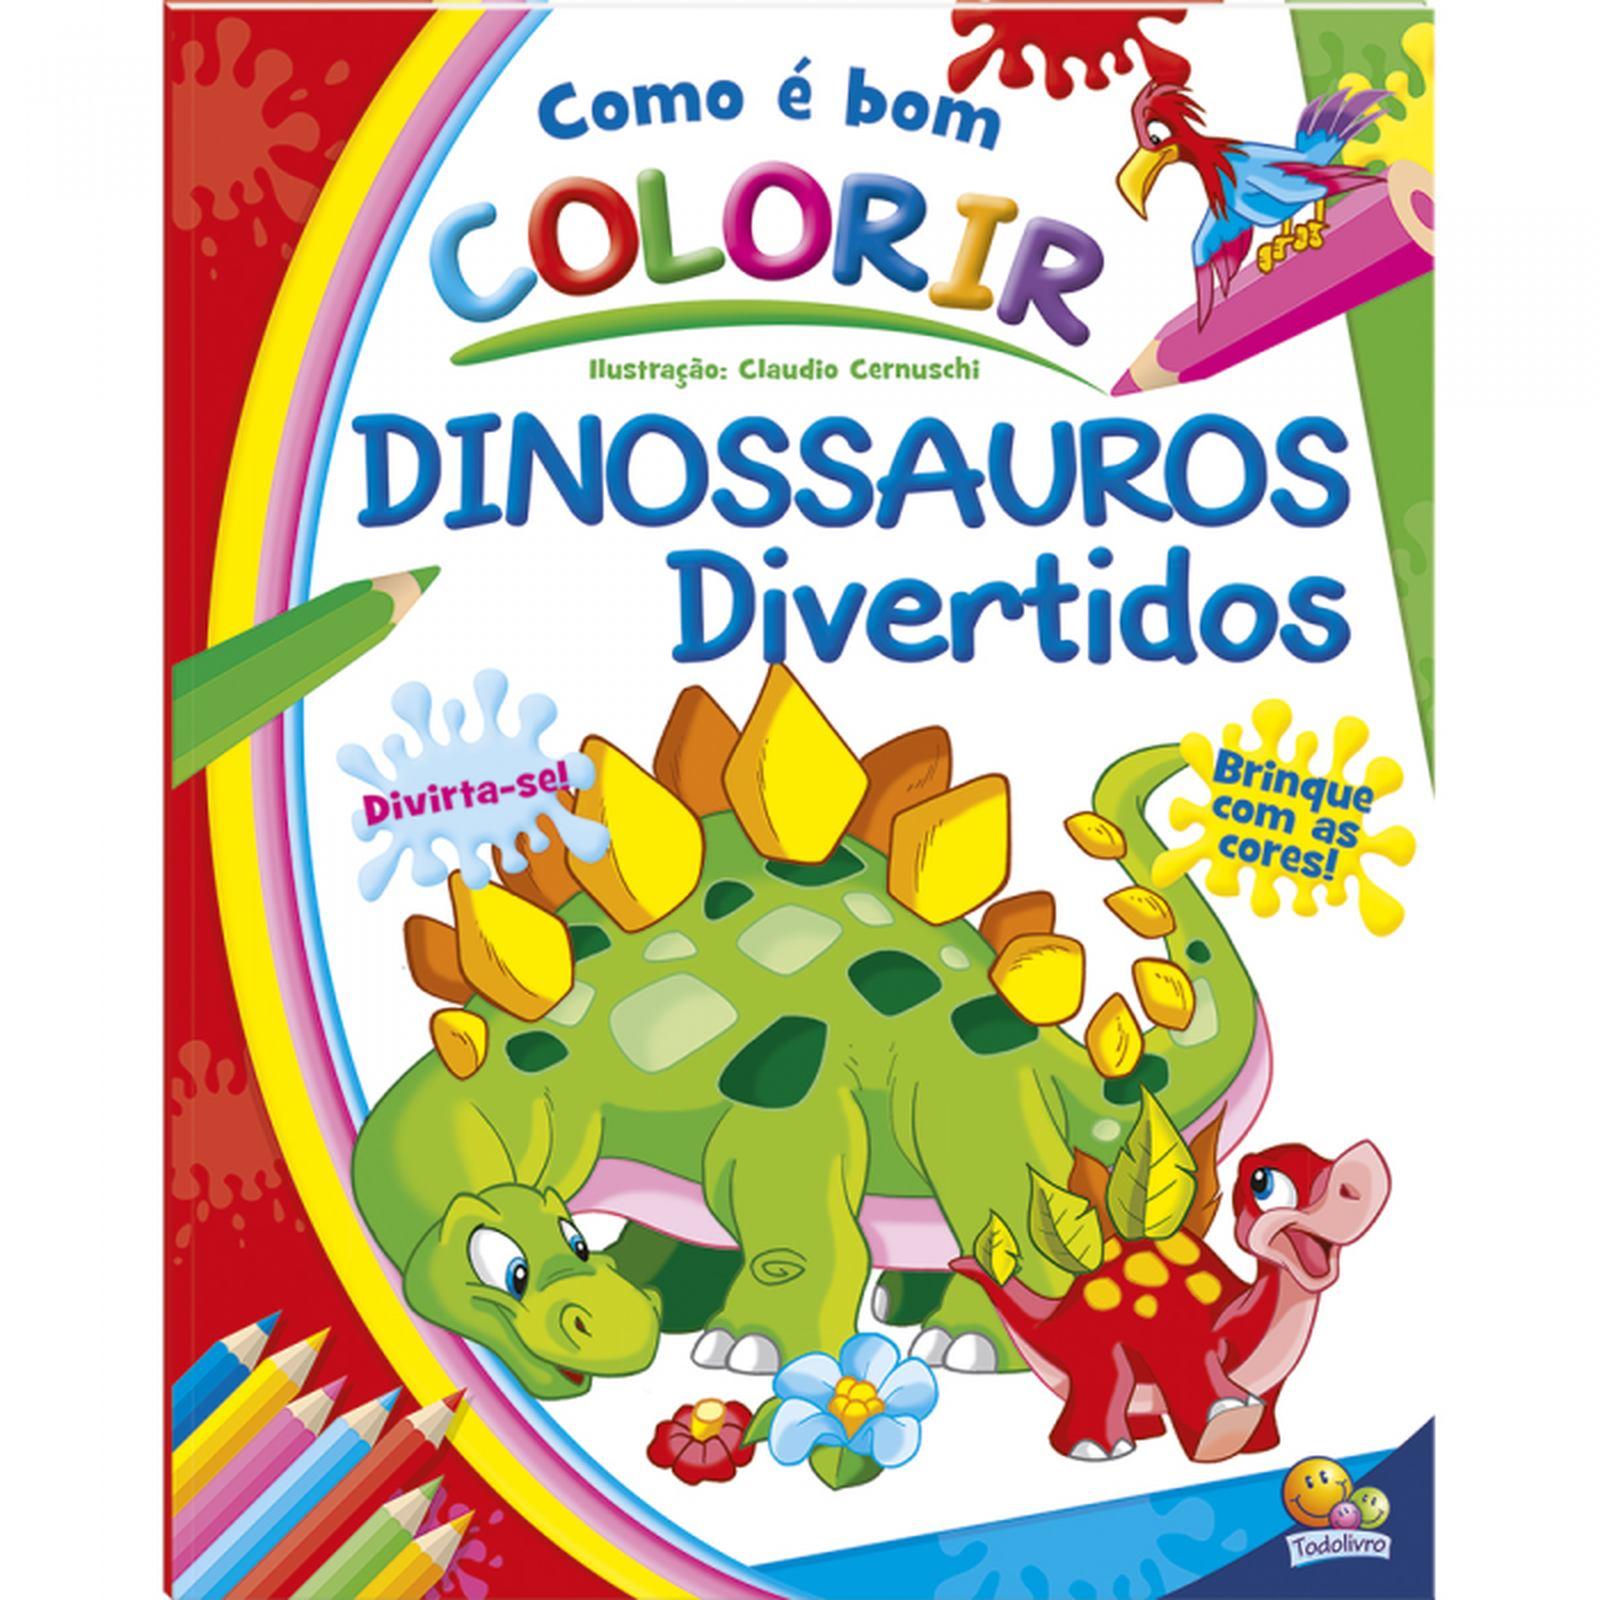 Livro de Colorir com Historia: Dinossauros Divertidos